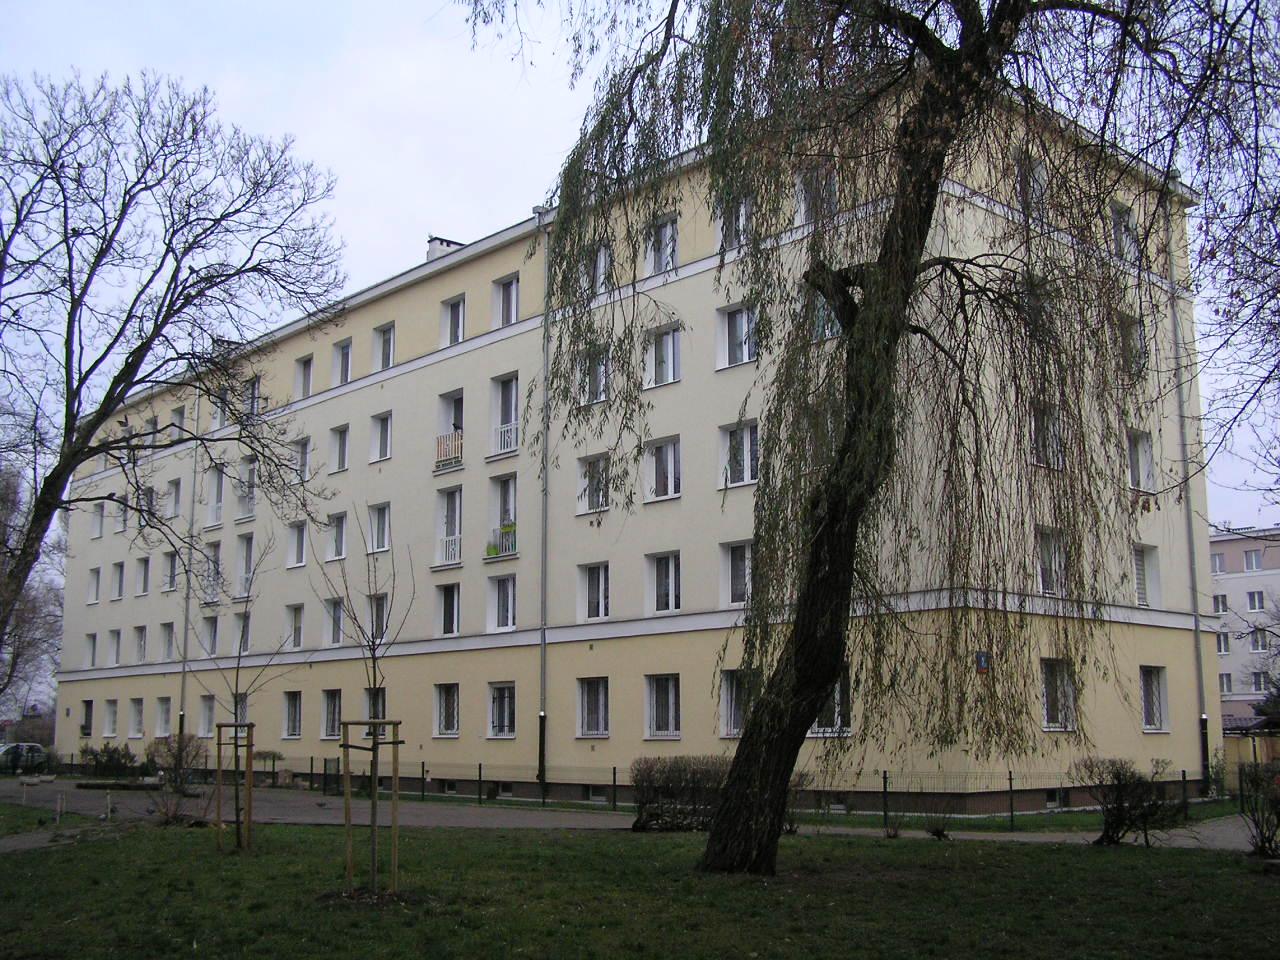 Podskarbińska 8B